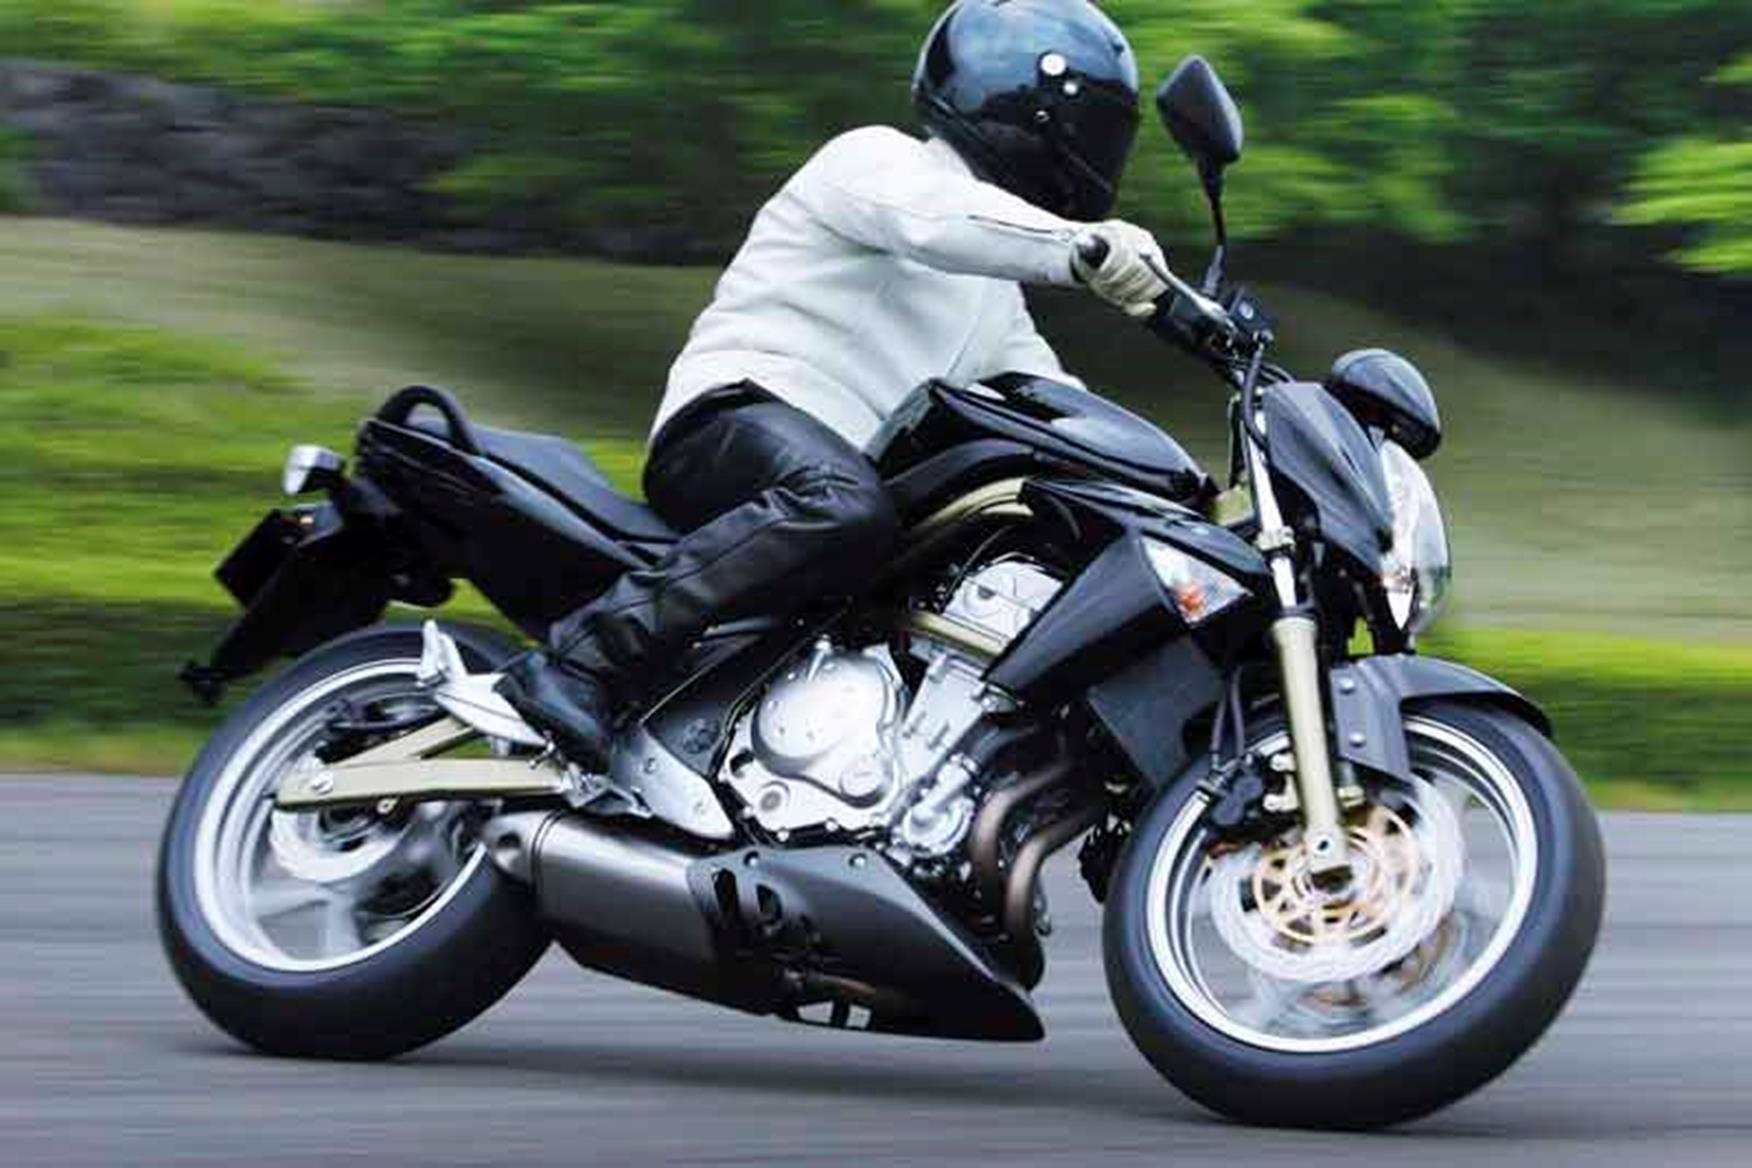 Kawasaki ER-6N 2010 Replacement Rear Wheel Bearing Kit